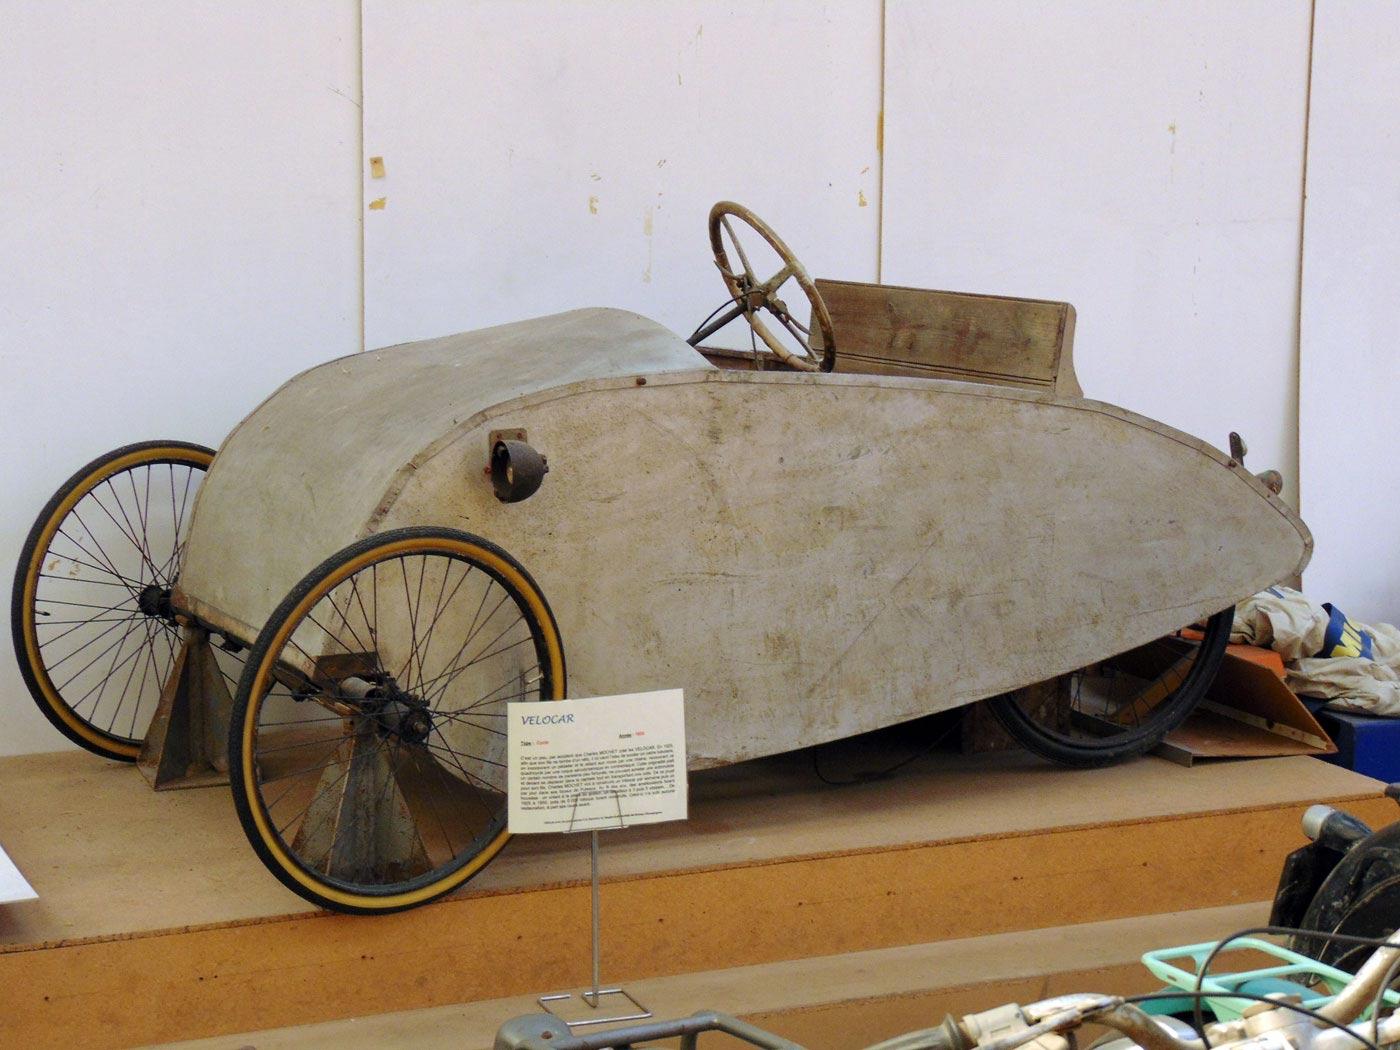 музей автомобилей в Реймсе, отзывы